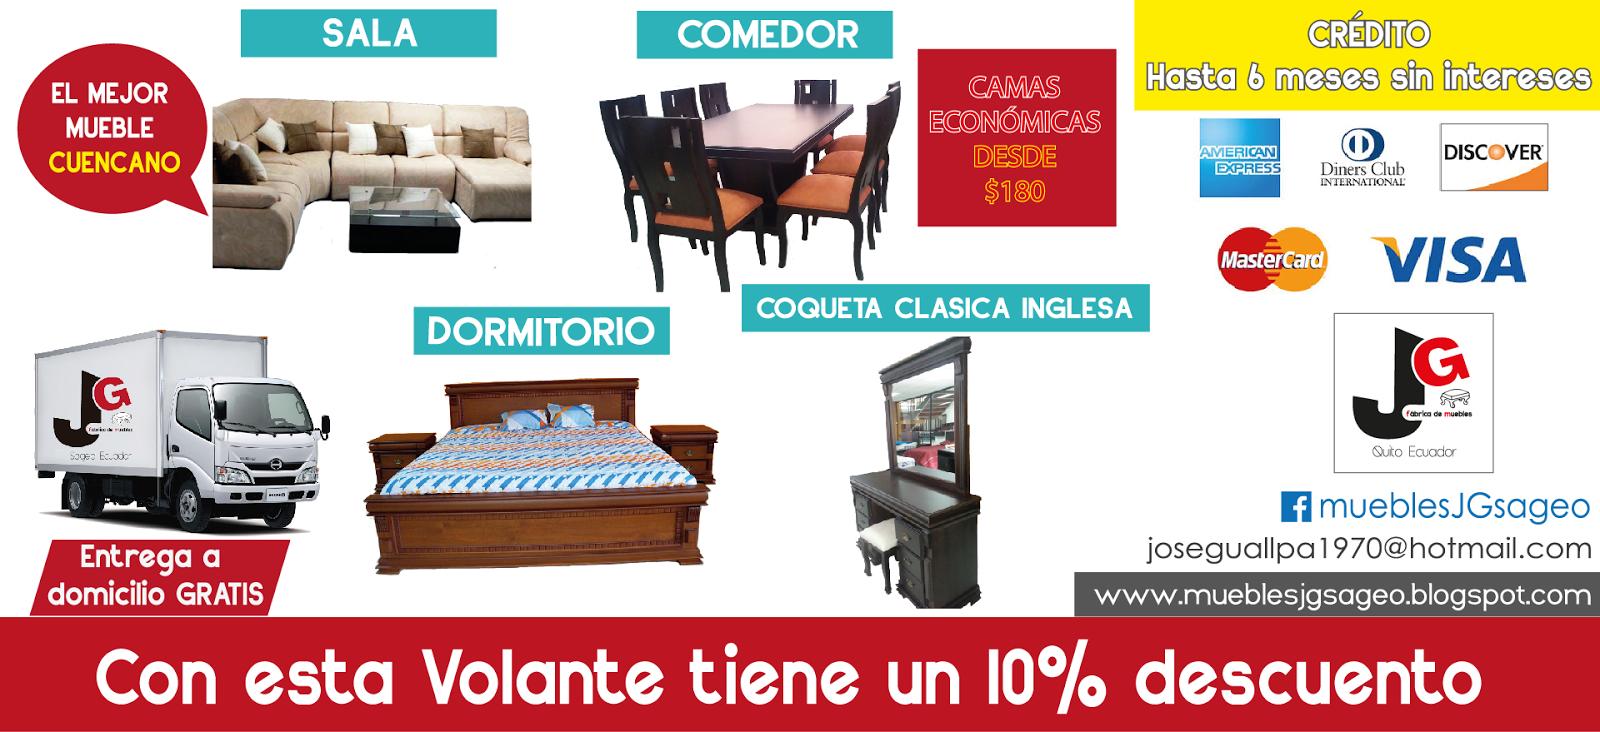 Gran Feria en SUR DE QUITO ~ Fábrica de muebles JG - Sageo